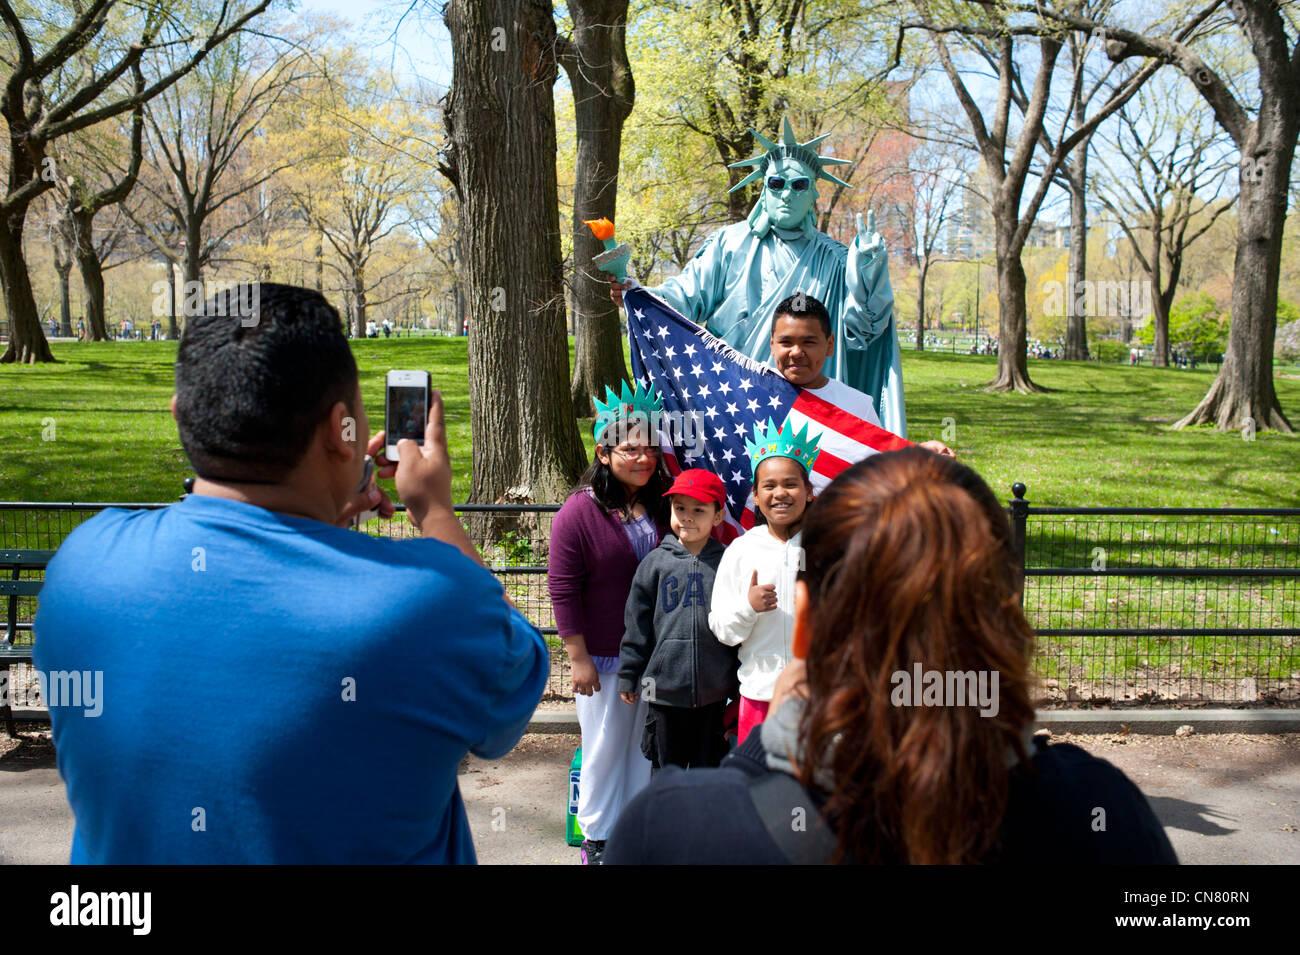 usa-new-york-city-nyc-ny-manhattan-central-park-hispanic-family-poses-CN80RN.jpg